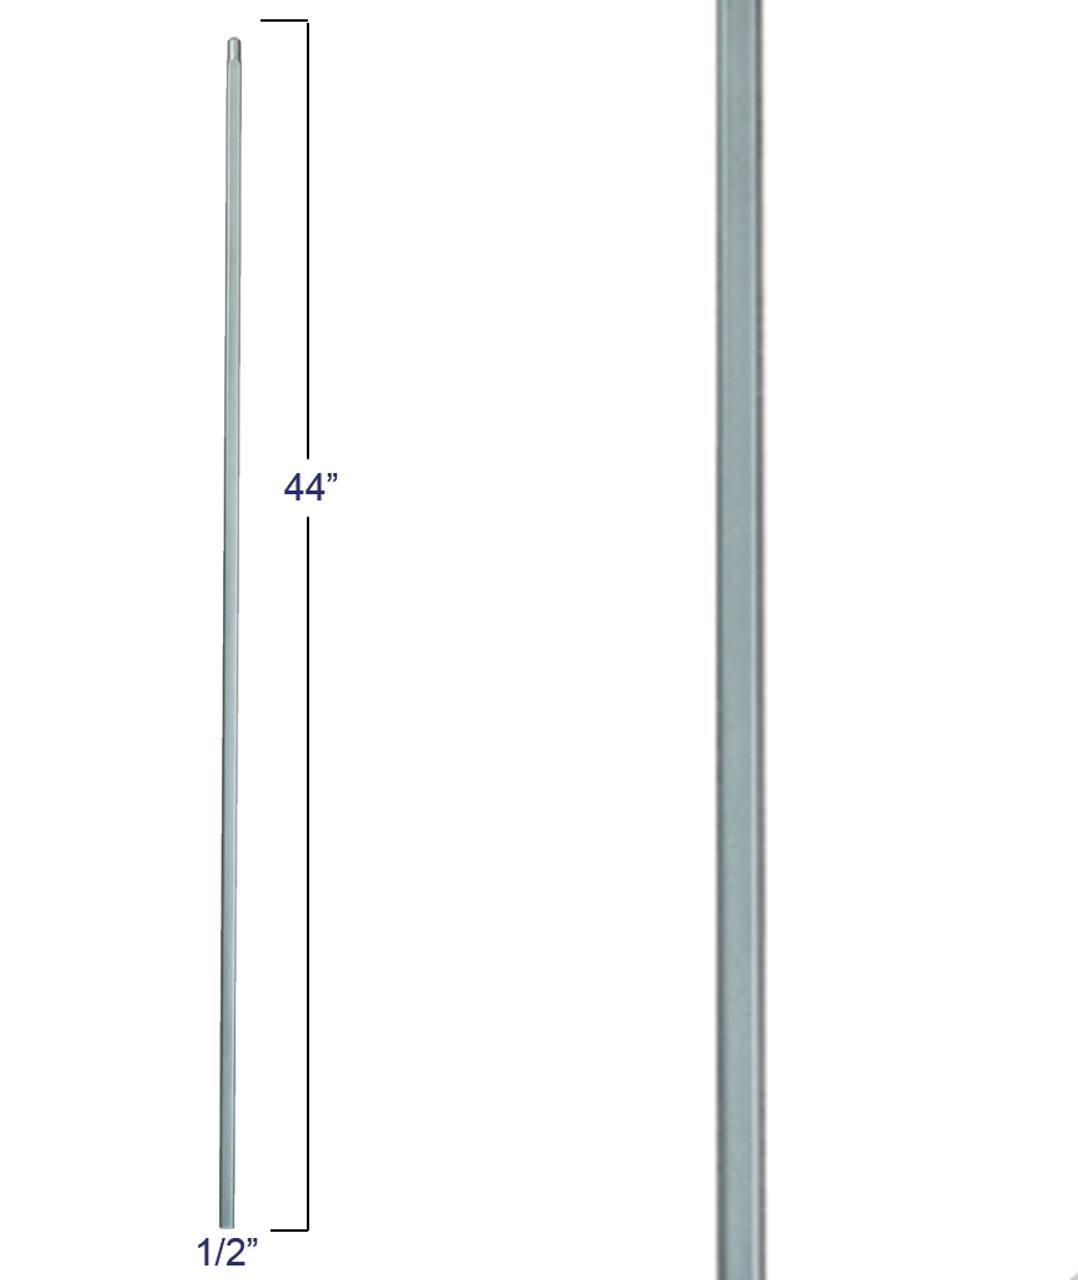 2555-T Plan Square Bar Tubular Steel Versatile Baluster, 12mm In Ash Gray